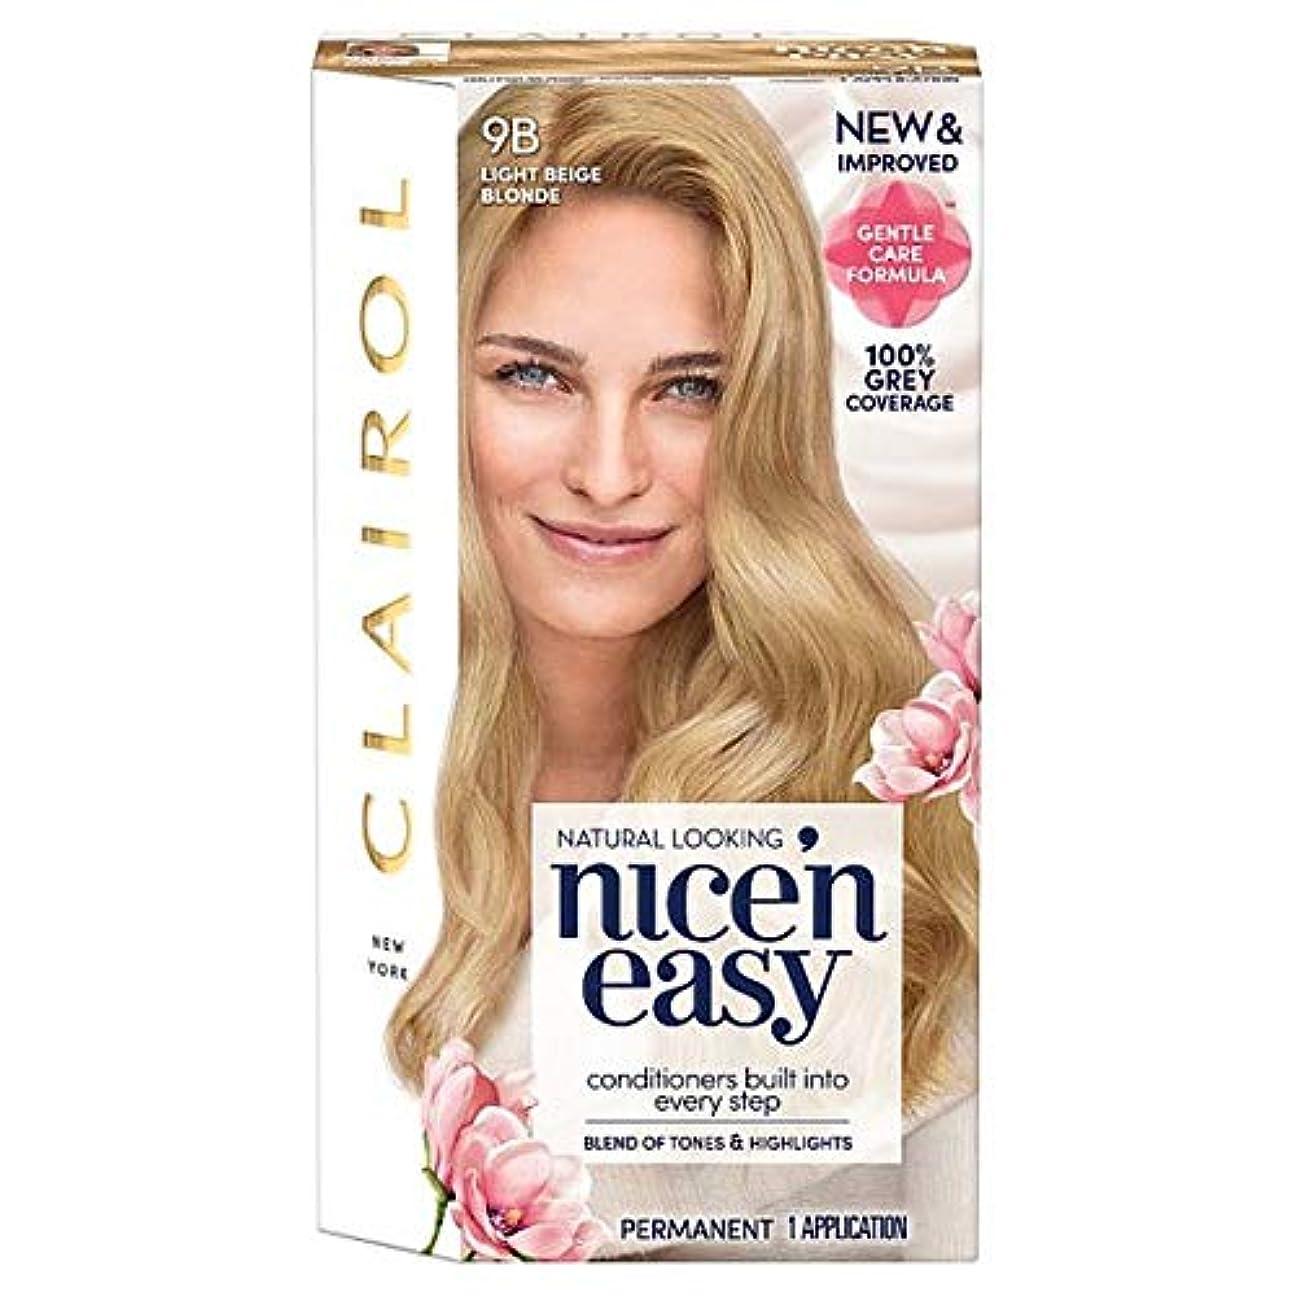 勝利したユダヤ人はっきりしない[Nice'n Easy] クレイロール素敵な「N簡単にライトベージュブロンド9Bの染毛剤 - Clairol Nice 'N Easy Light Beige Blonde 9B Hair Dye [並行輸入品]